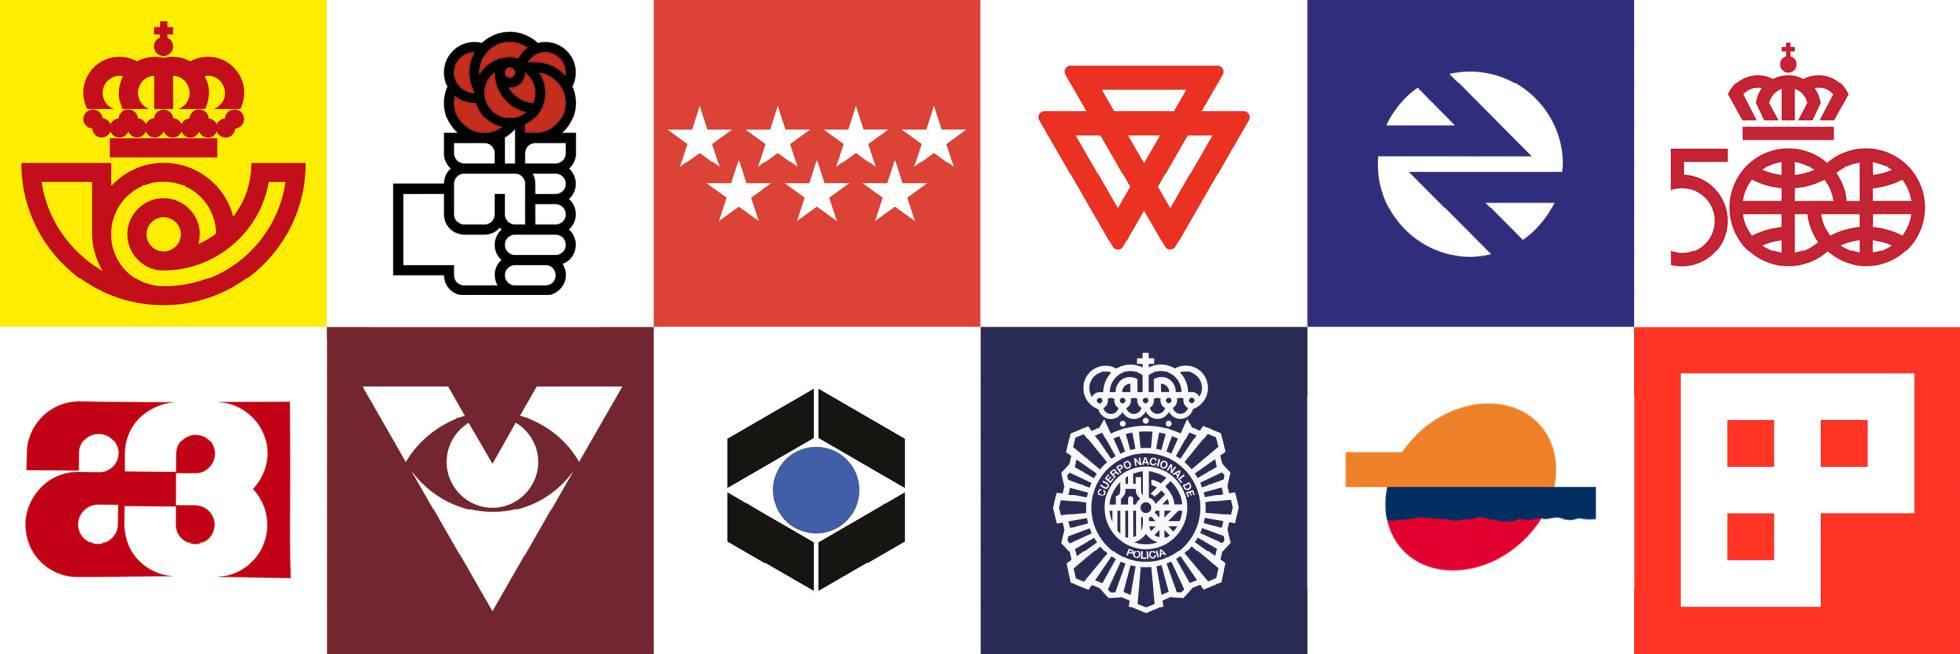 Algunos logos de Cruz Novillo